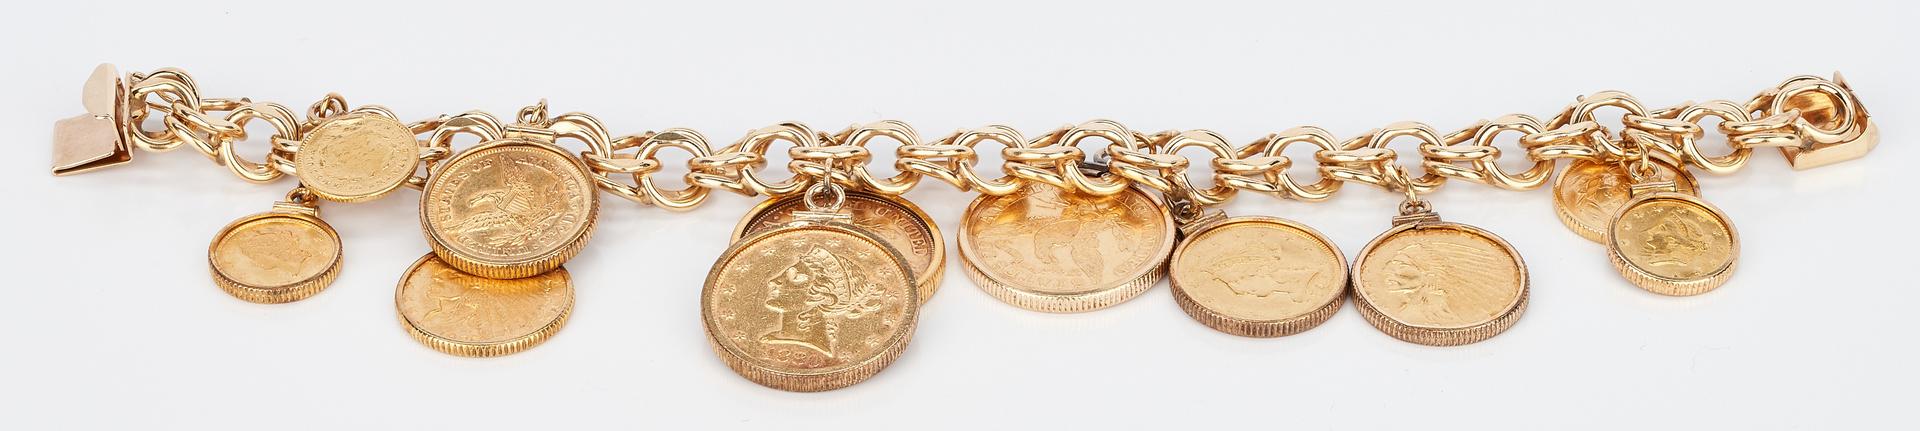 Lot 35: 14K Gold Charm Bracelet, 86.2 grams